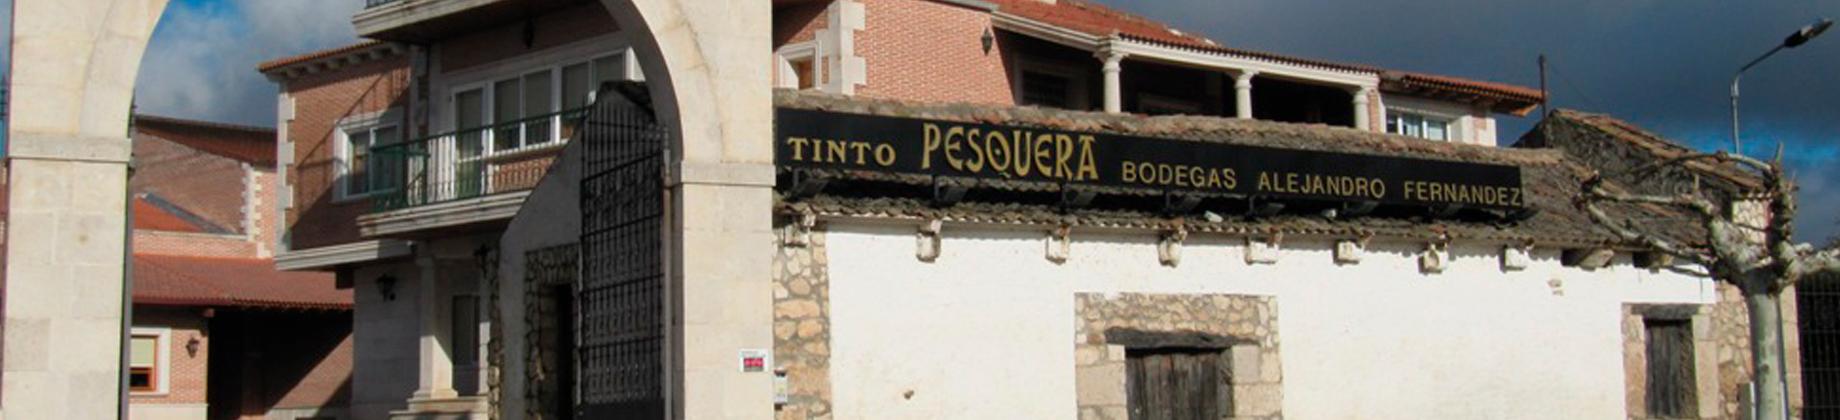 Bodegas Alejandro Fernández Tinto Pesquera